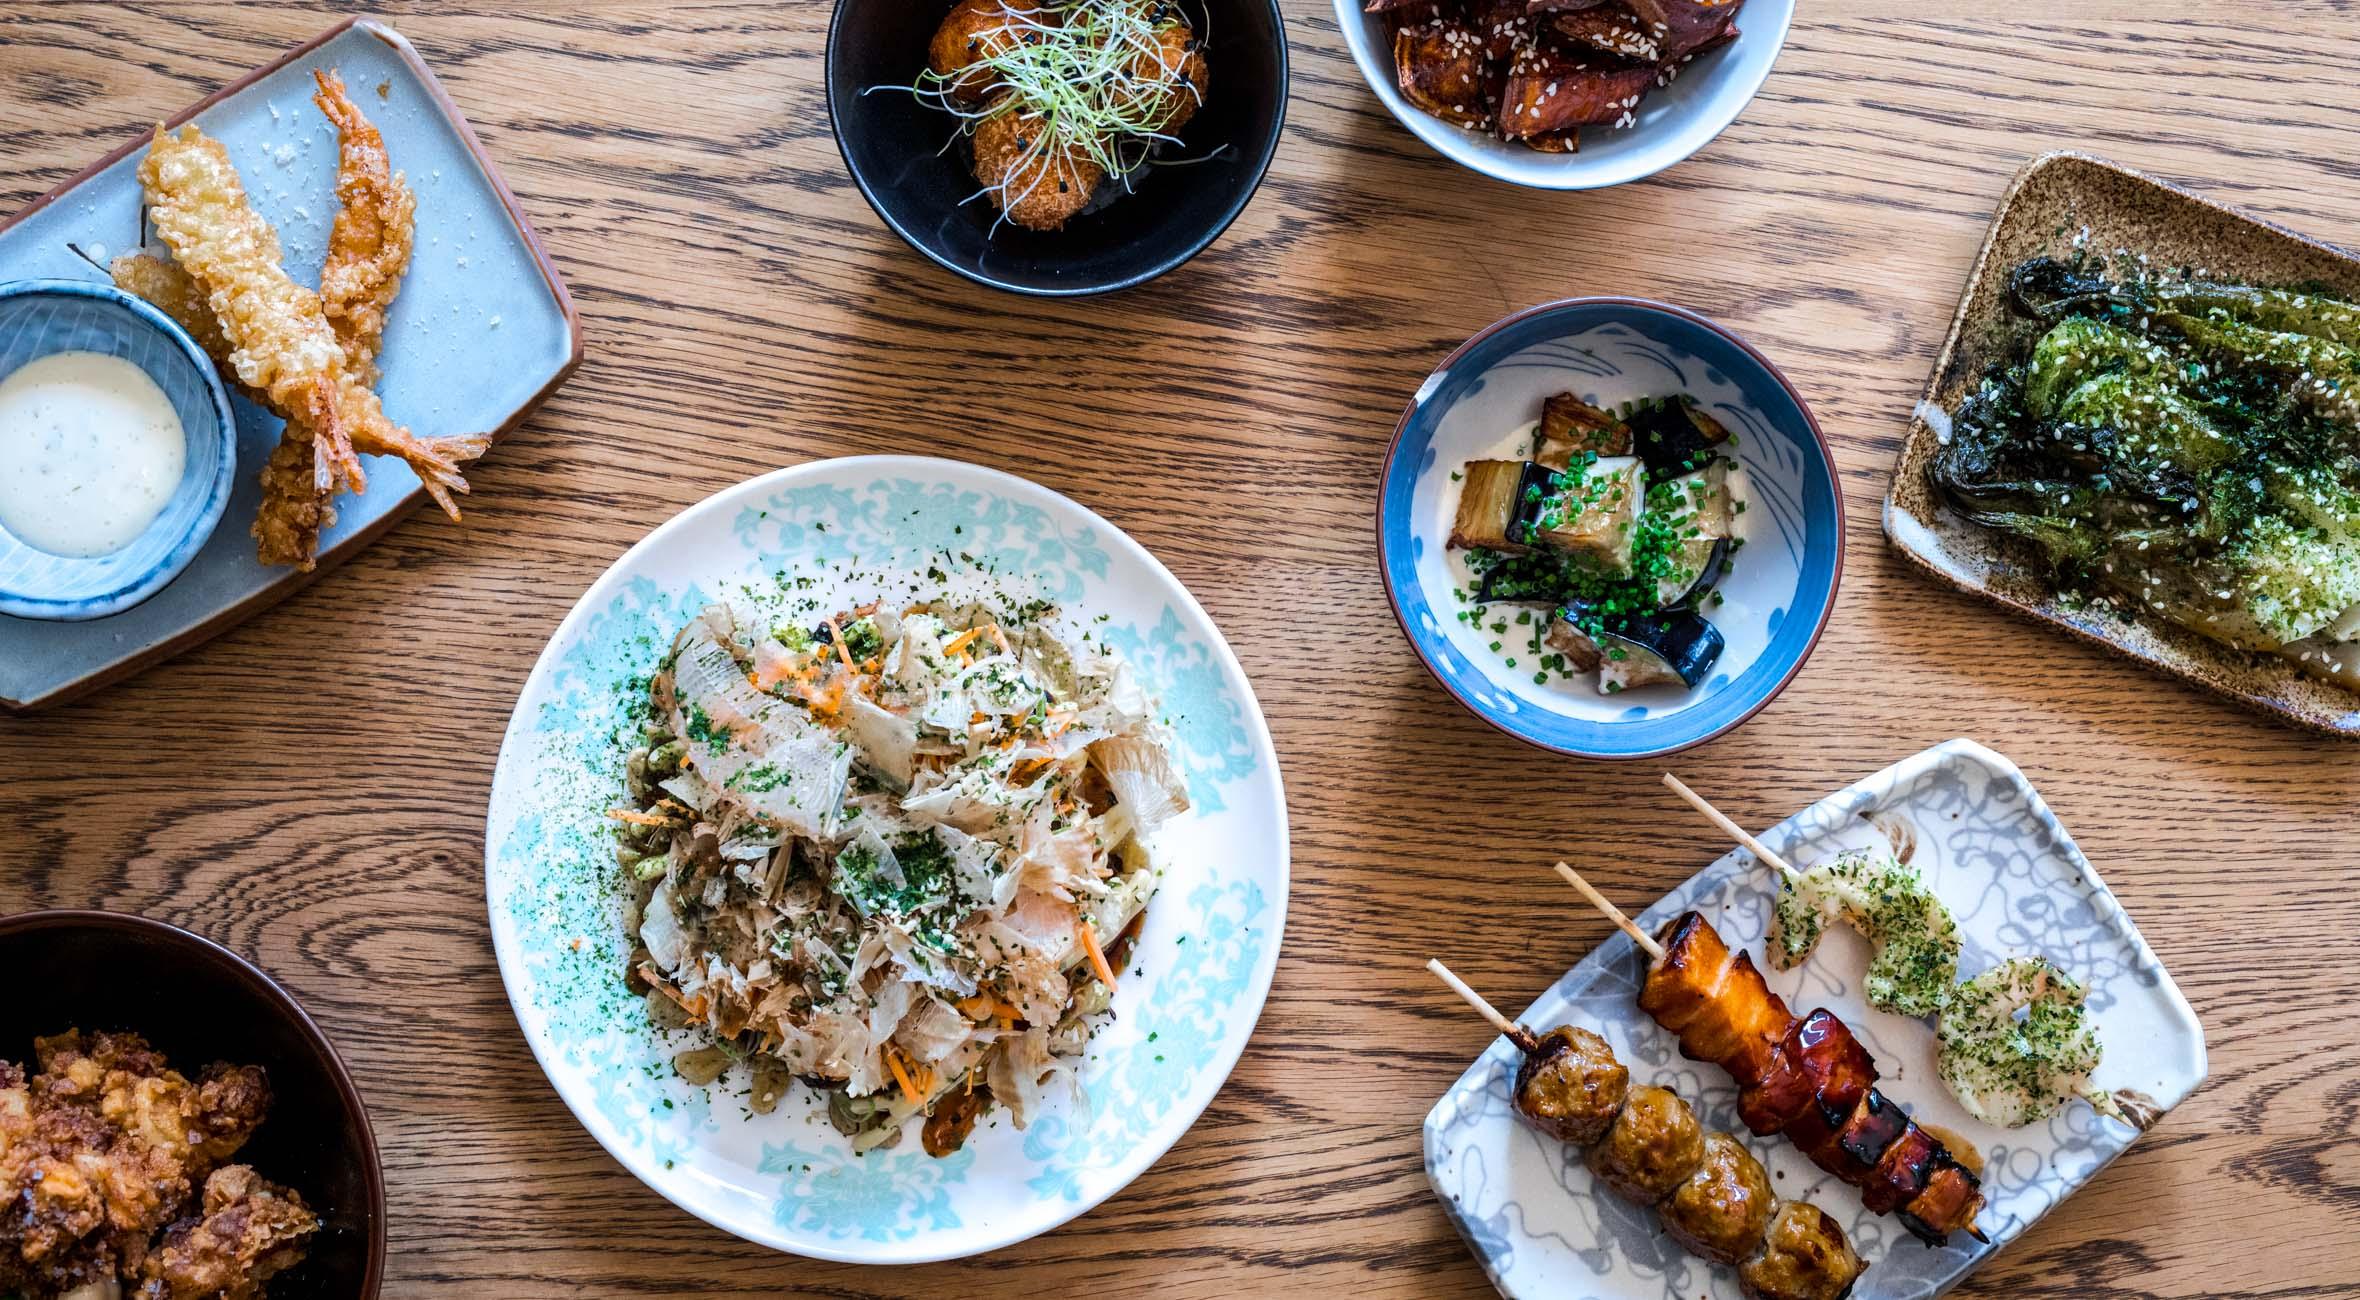 Frit valg til alt hos Kuma på Nørrebro – Hip restaurant & take away byder på byens vildeste japanske street food